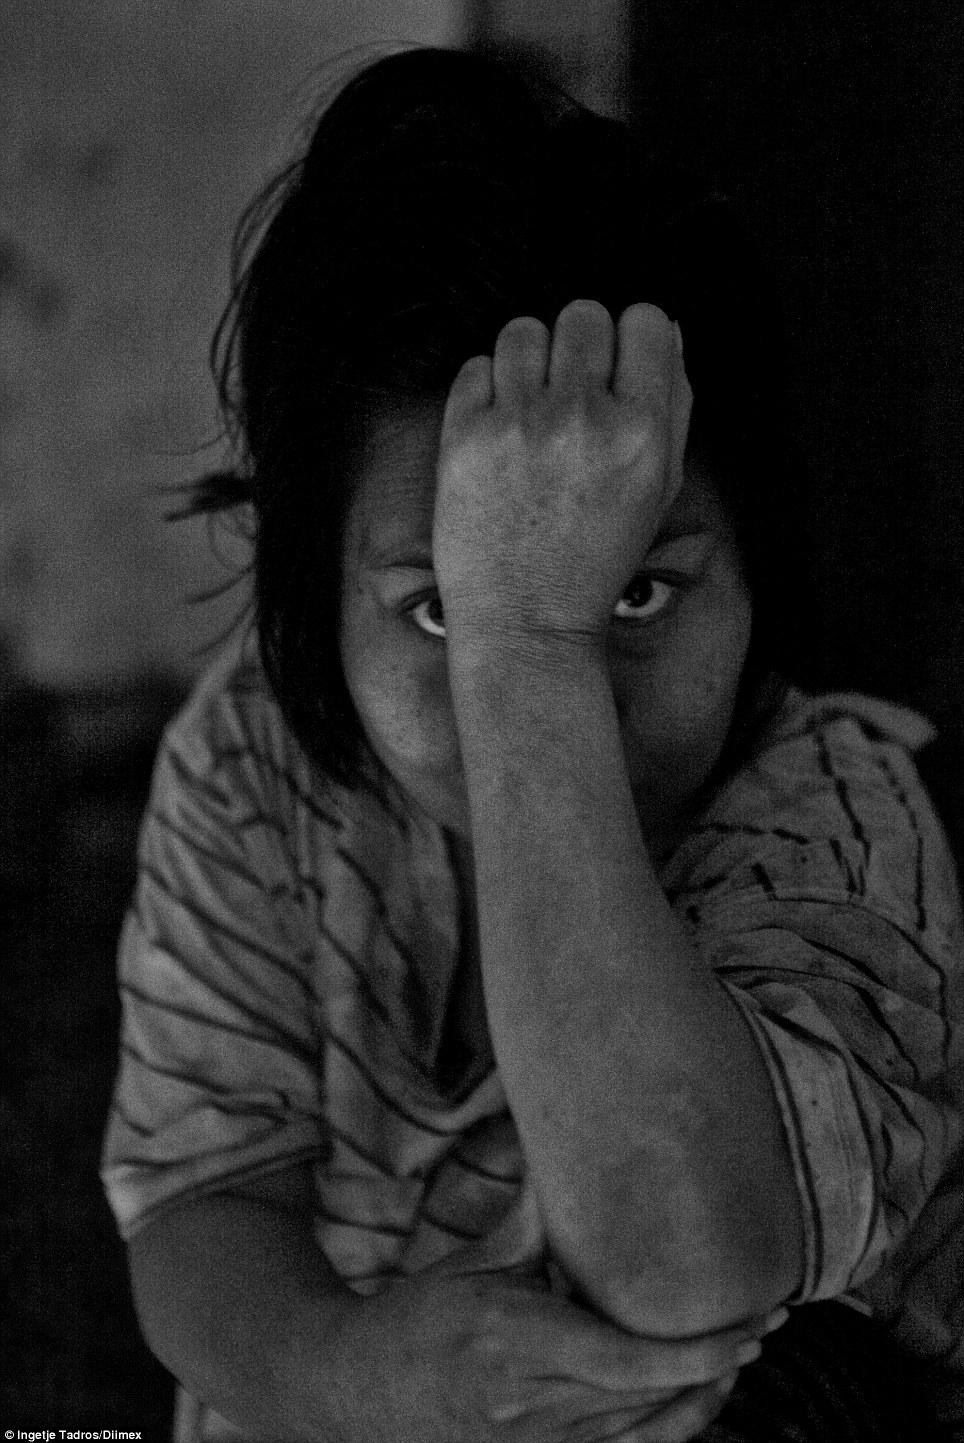 Kadek é uma das cerca de 300 pessoas com graves doenças mentais que vivem em Bali, que são mantidos em 'pasung', ou seja, eles estão presos em gaiolas ou correntes por suas famílias que não podem pagar para tratar a sua doença